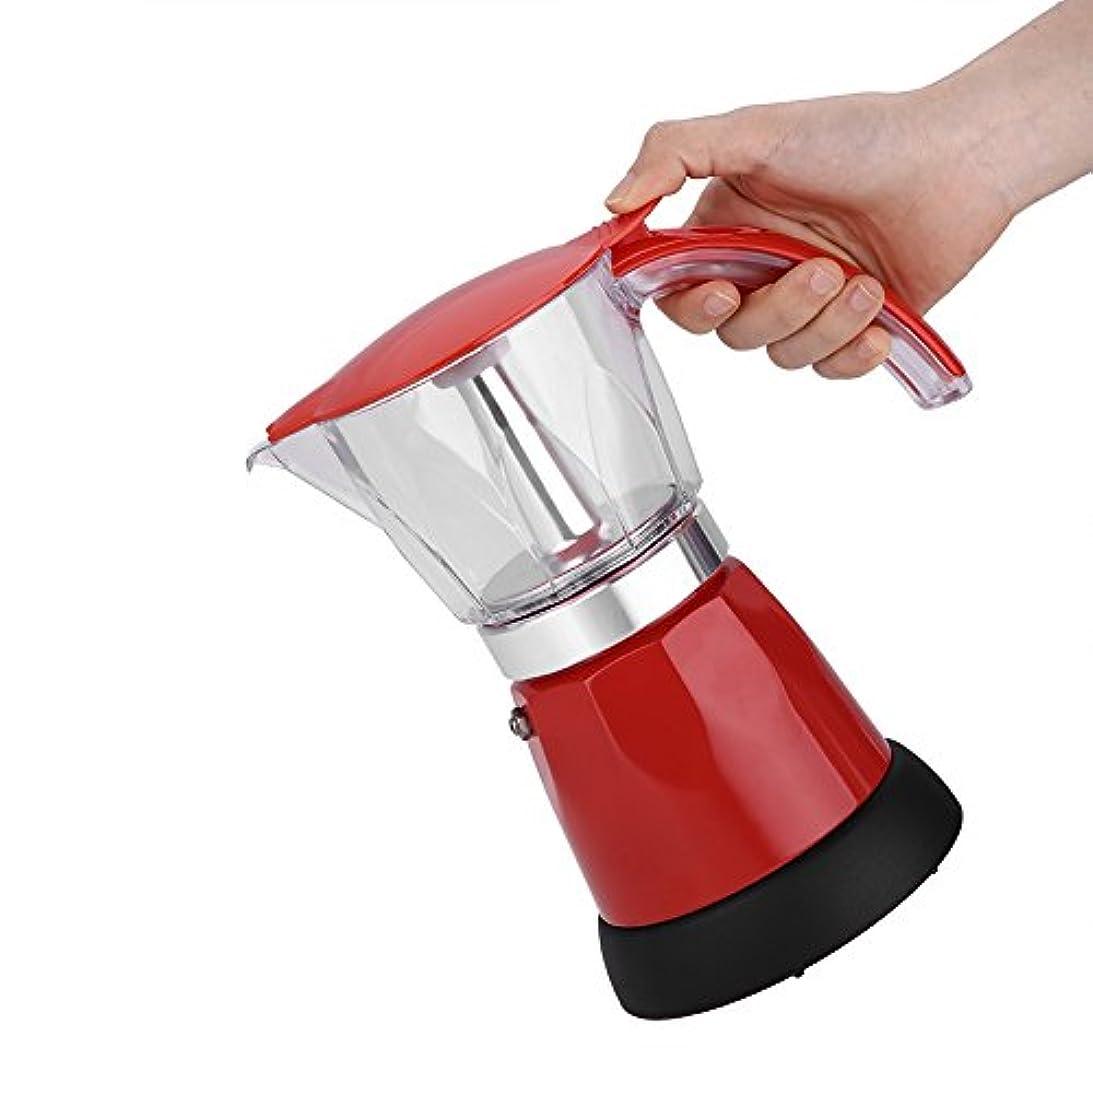 アクセルマットリボン220-240V電気コーヒーメーカー、300ml 480Wアルミ合金コーヒーメーカーポット、家庭用コーヒー用オフィス用(red)